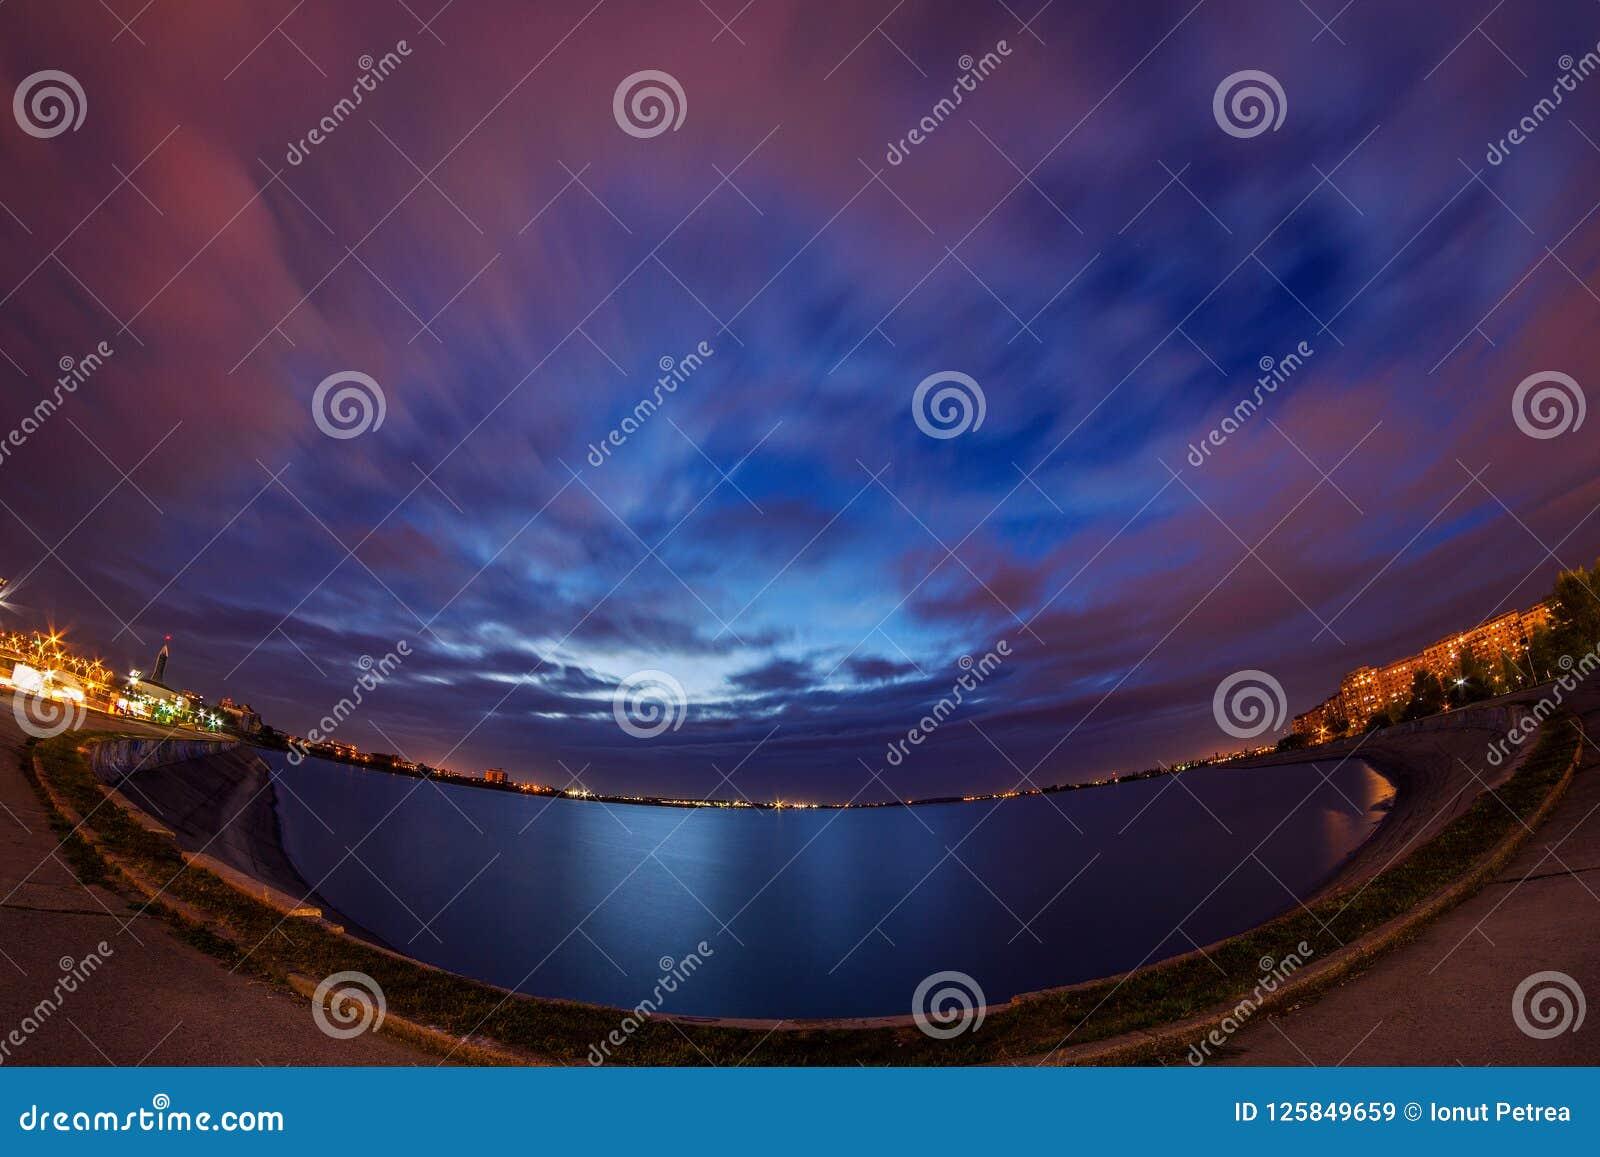 Exposição longa da cena urbana da noite com as nuvens no céu dramático e